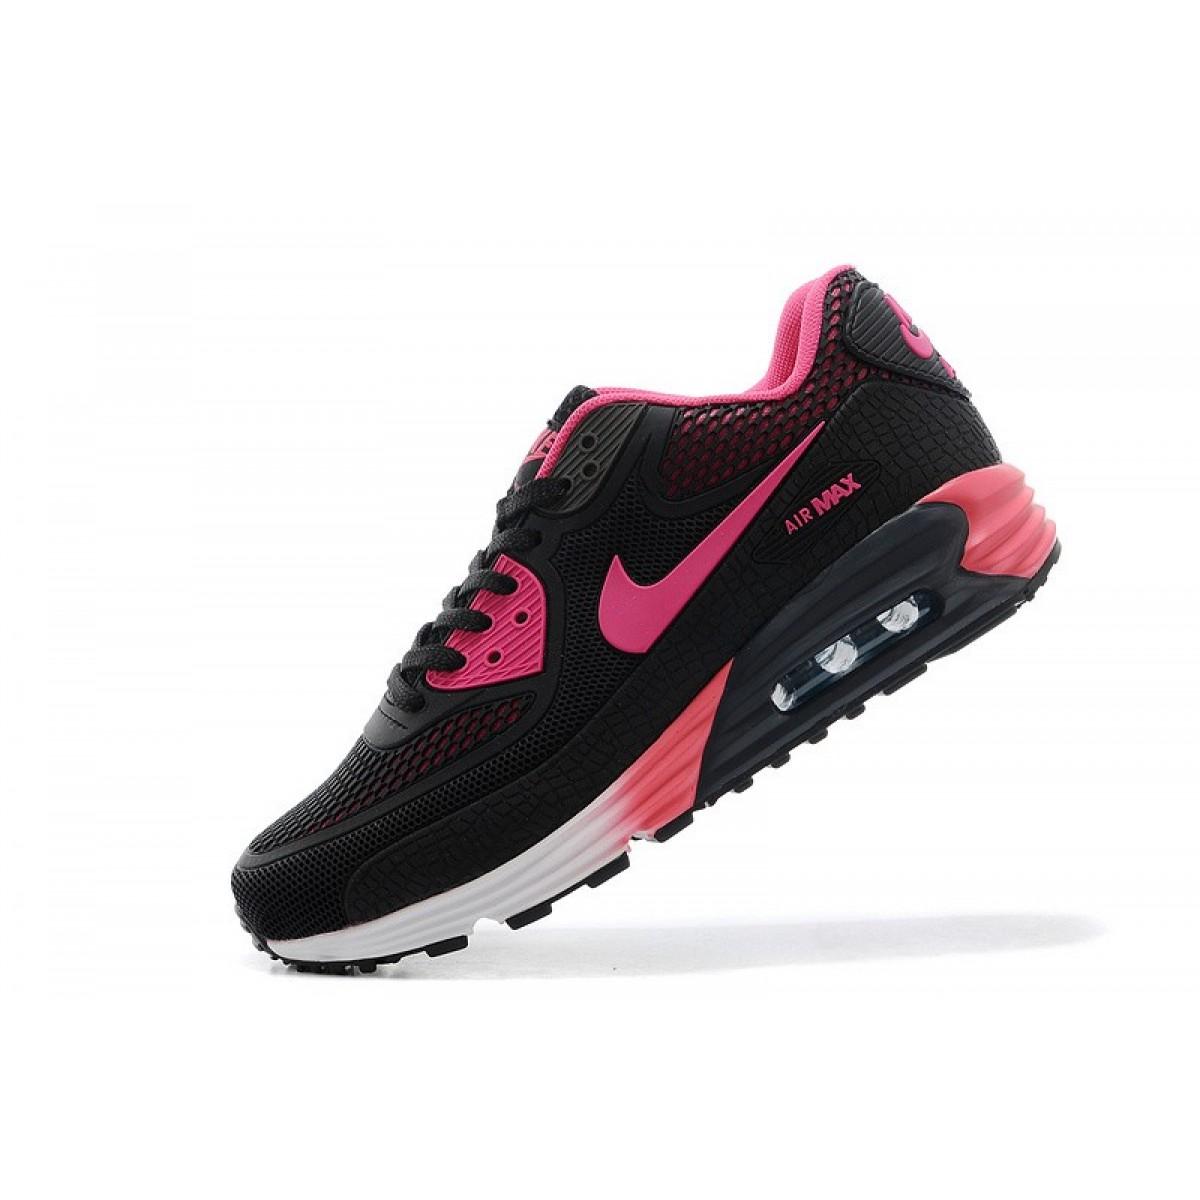 100% authentic 46012 21d97 Achat   Vente produits Nike Air Max 90 Femme Noir,Nike Air Max 90 Femme